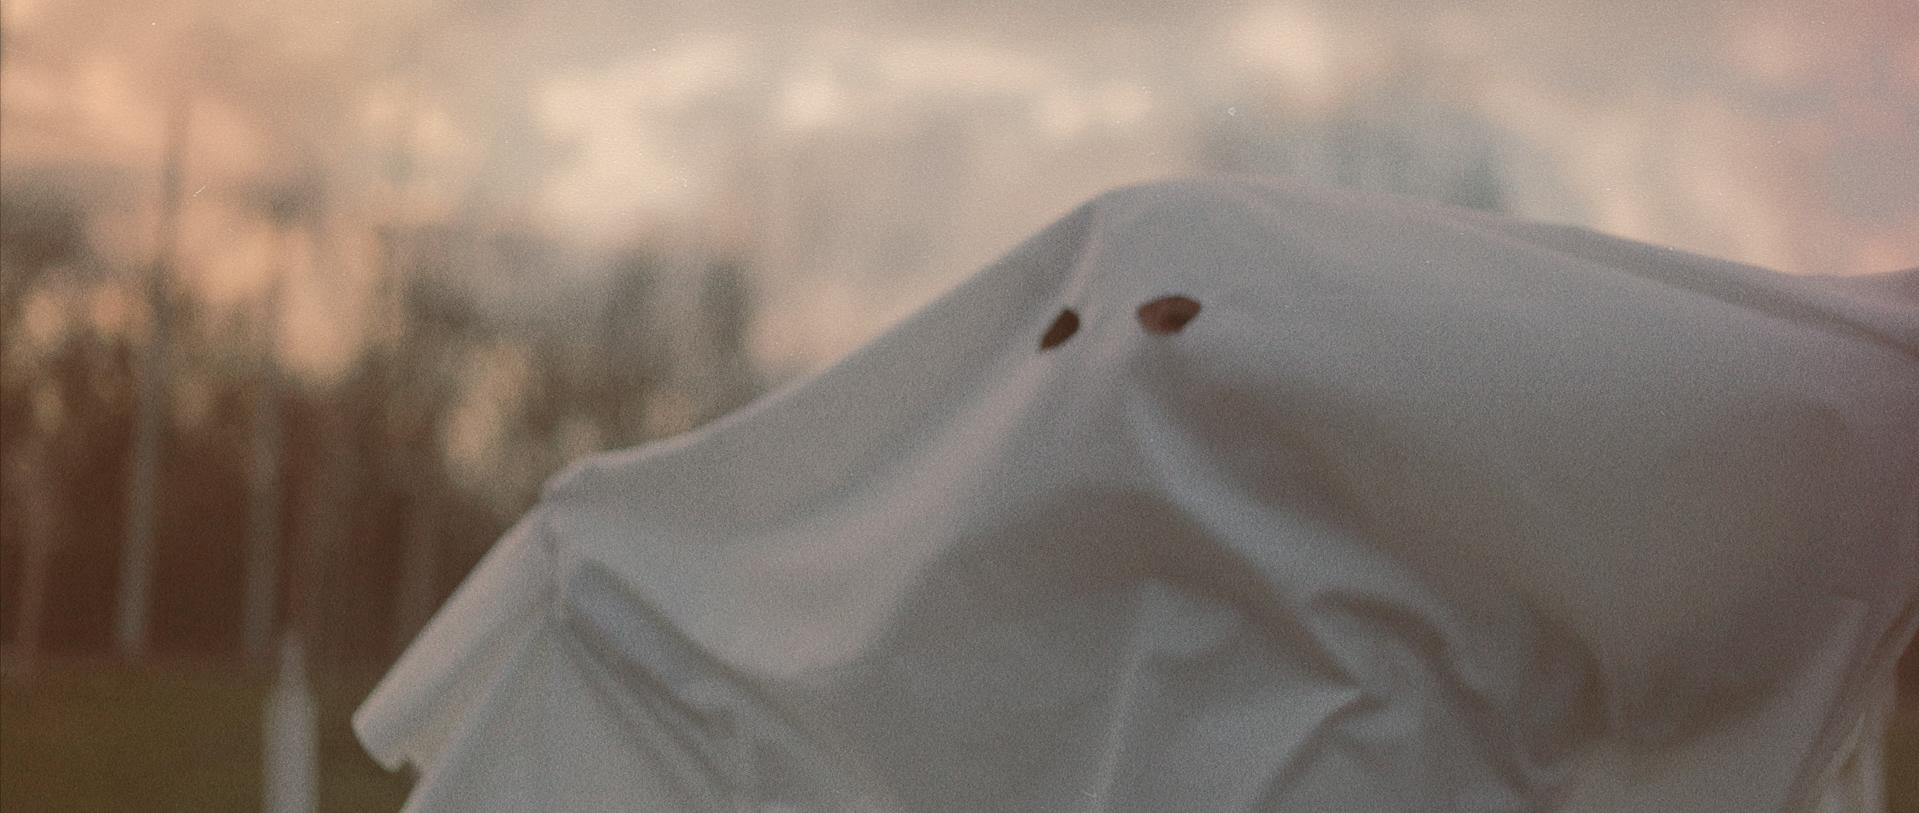 ghosts_001.jpg